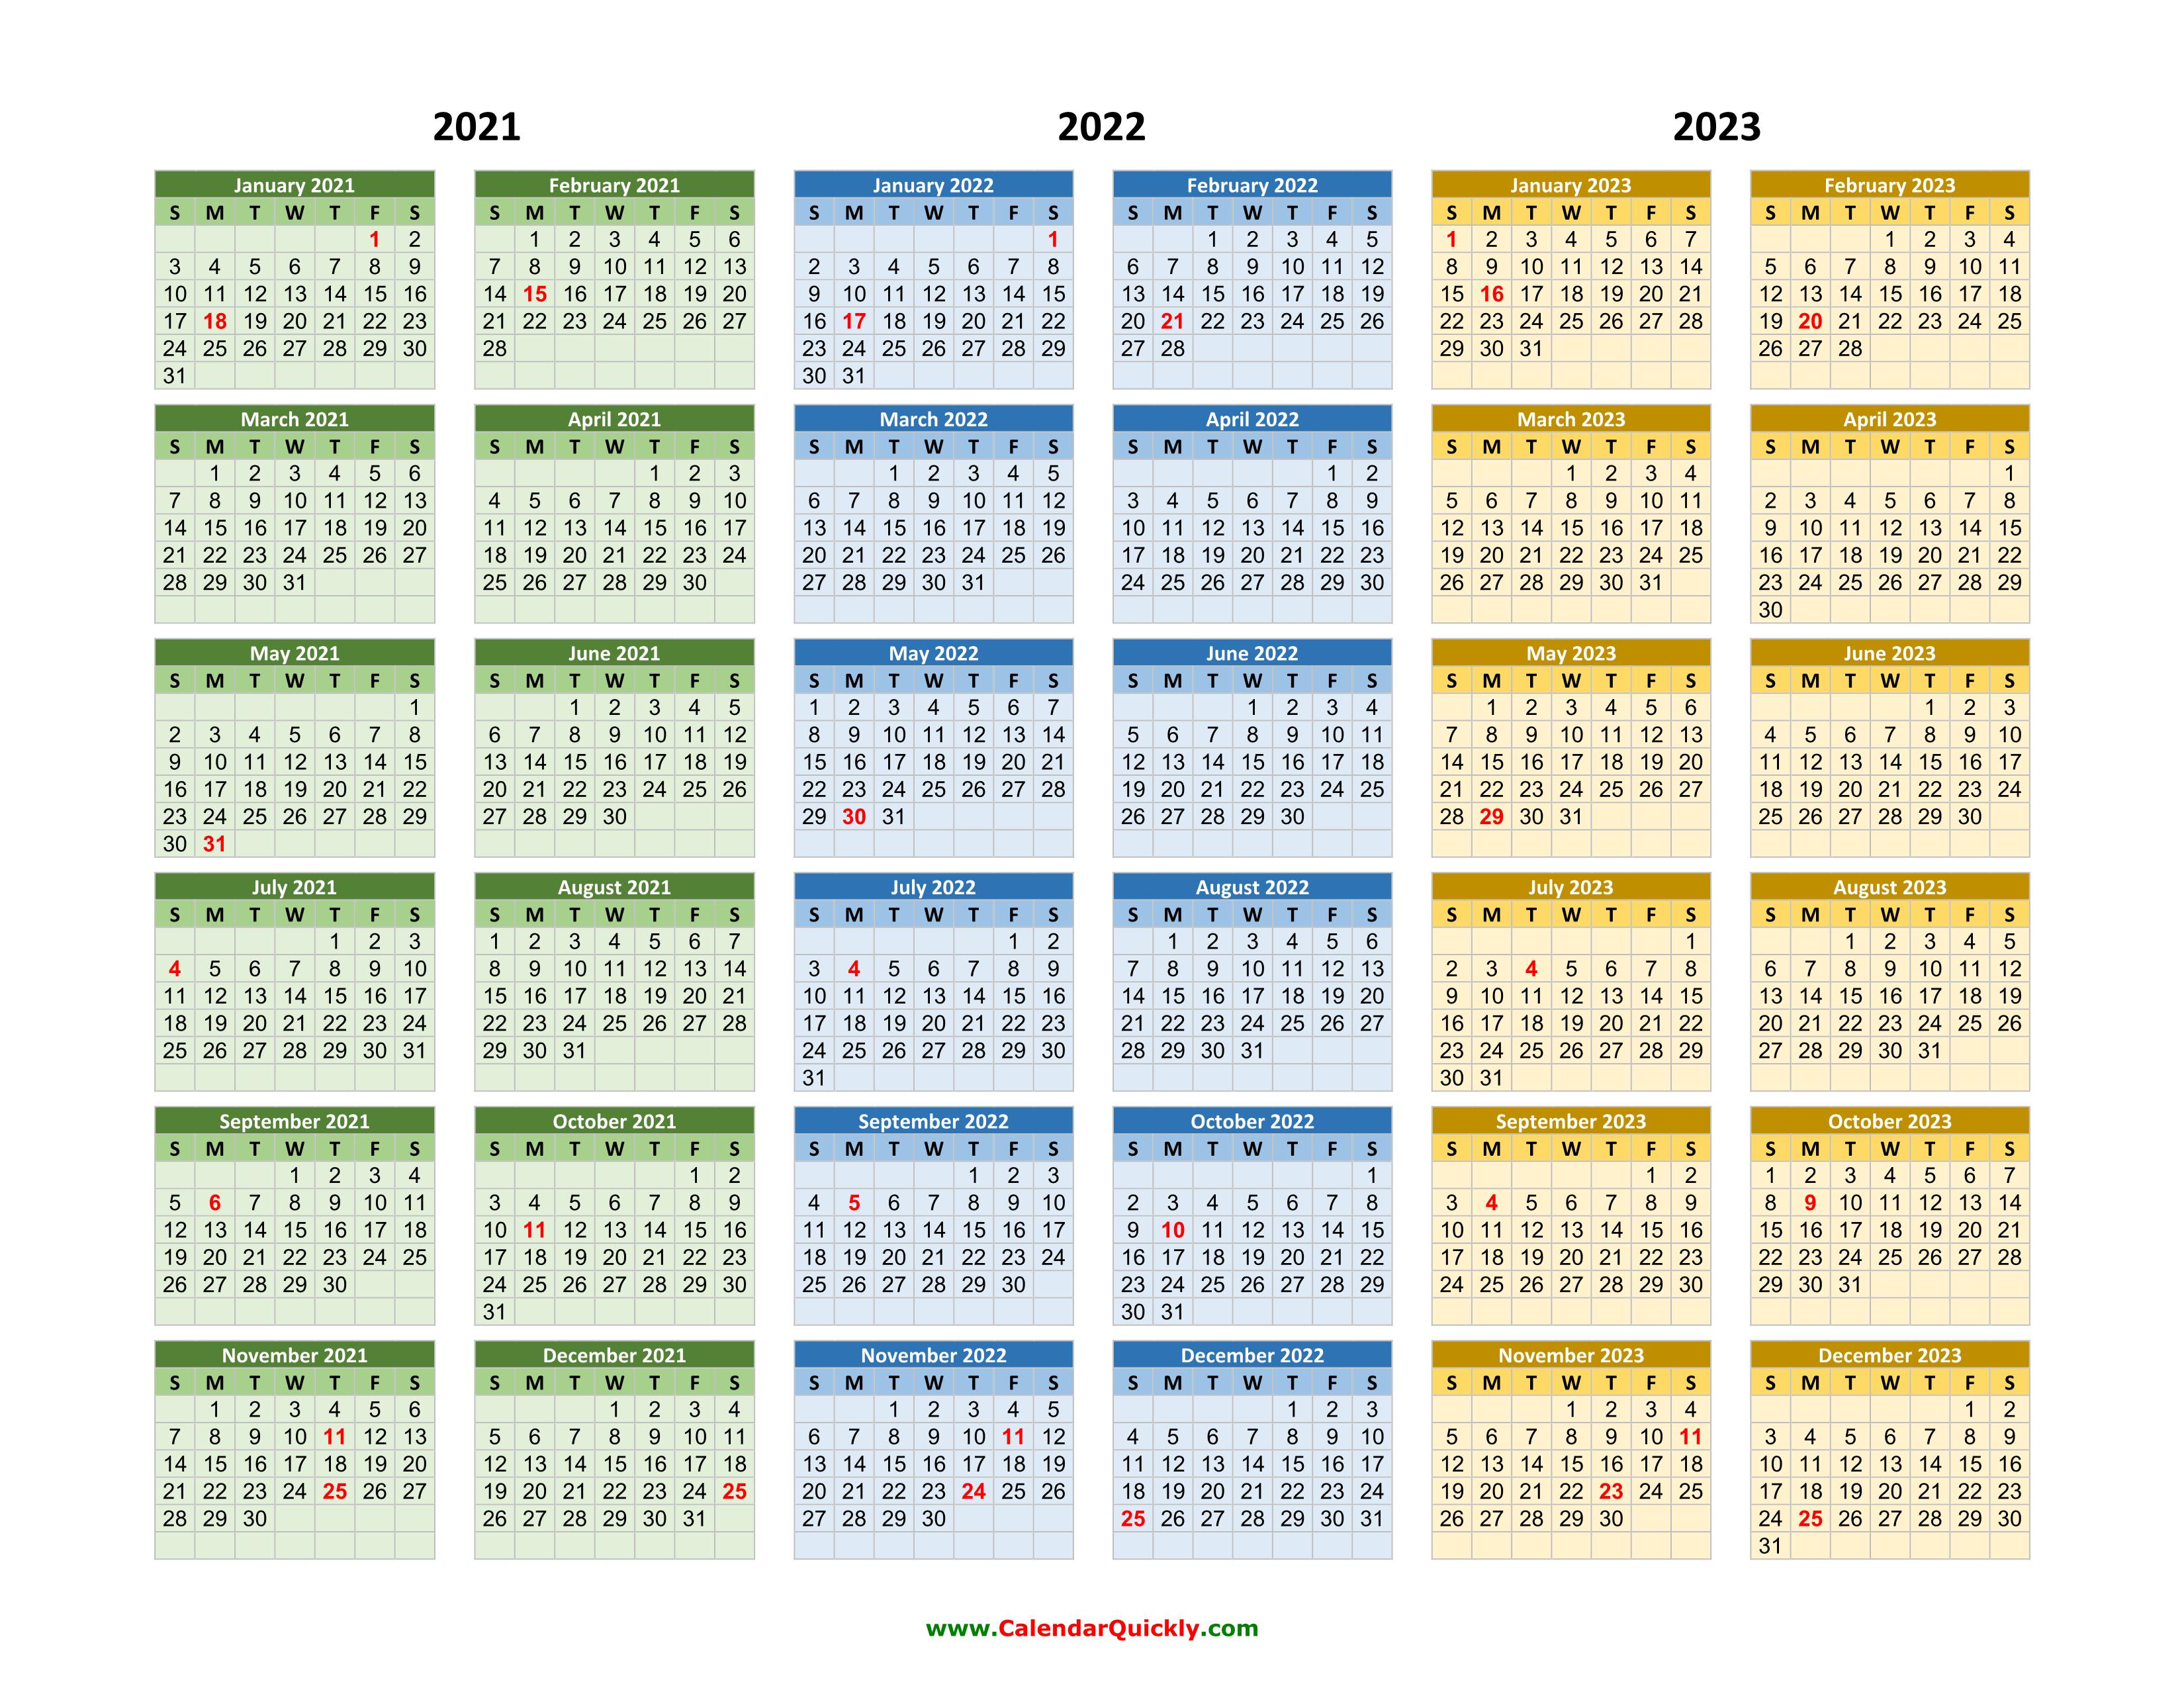 Calendar 2022 2023.2021 2022 2023 Calendar Calendar Quickly